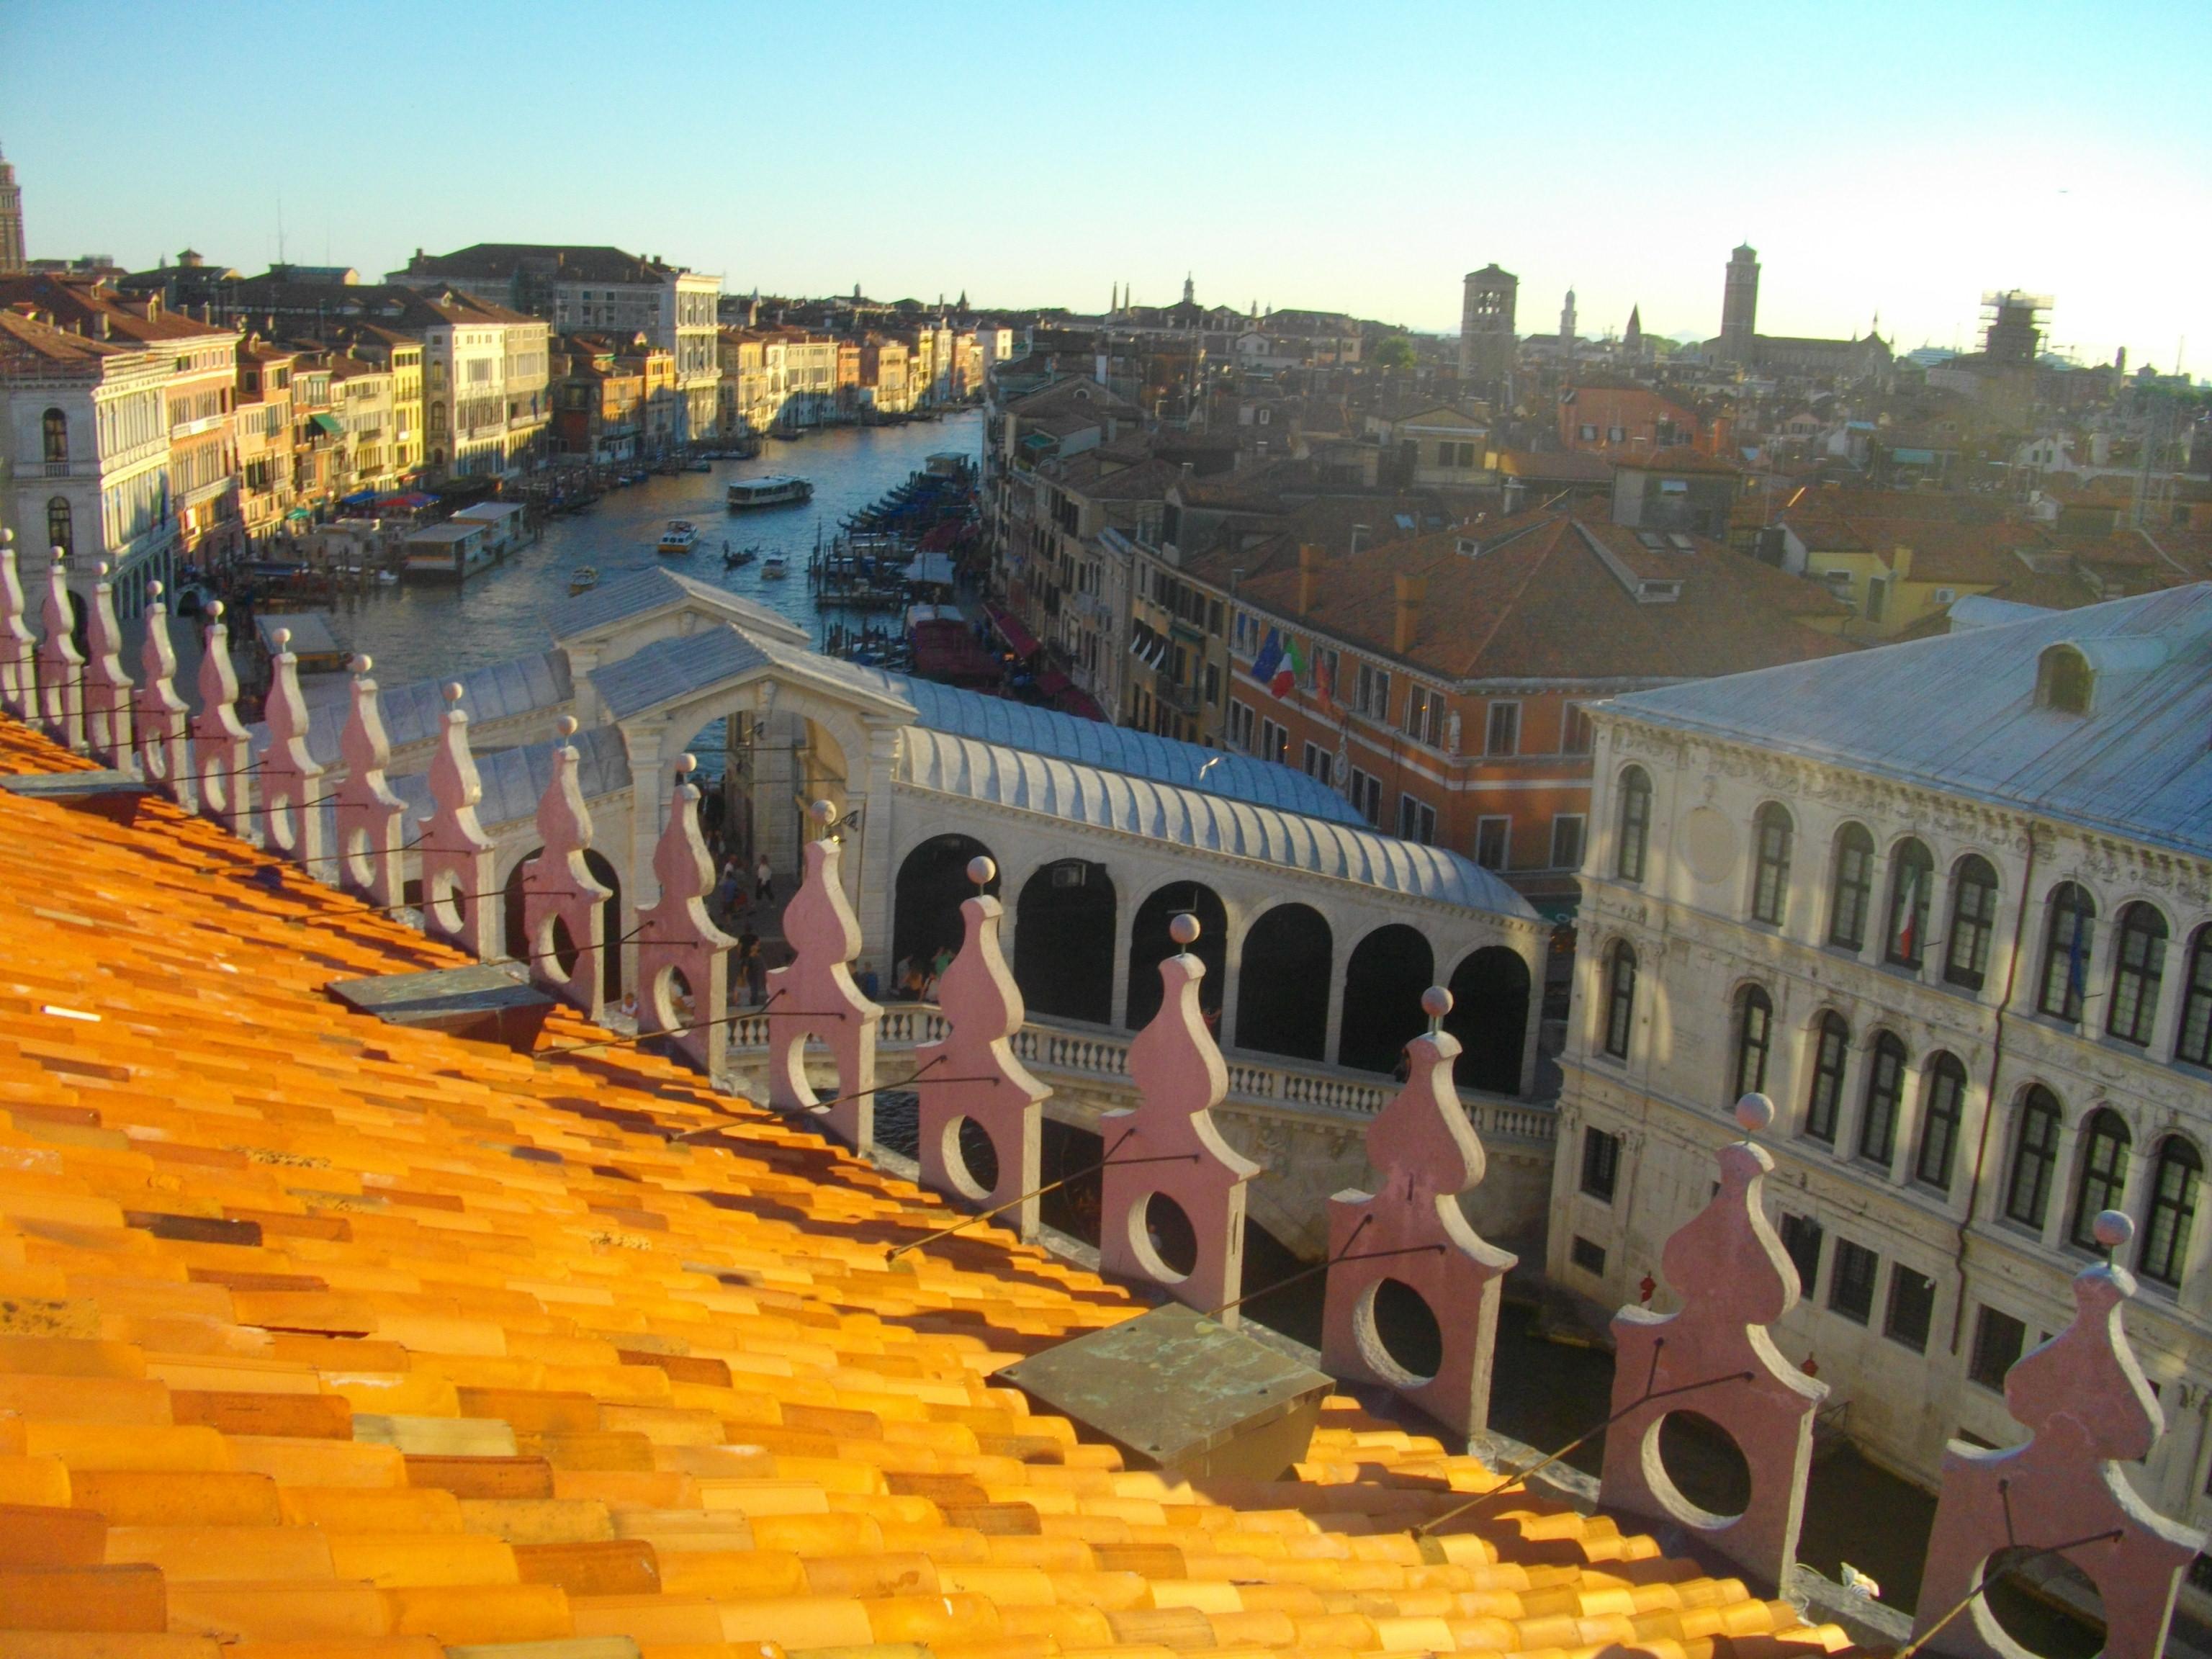 Mein Schiff Sehenswürdigkeit: Venedig Rialto - Dachterrasse Fondaco dei Tedeschi